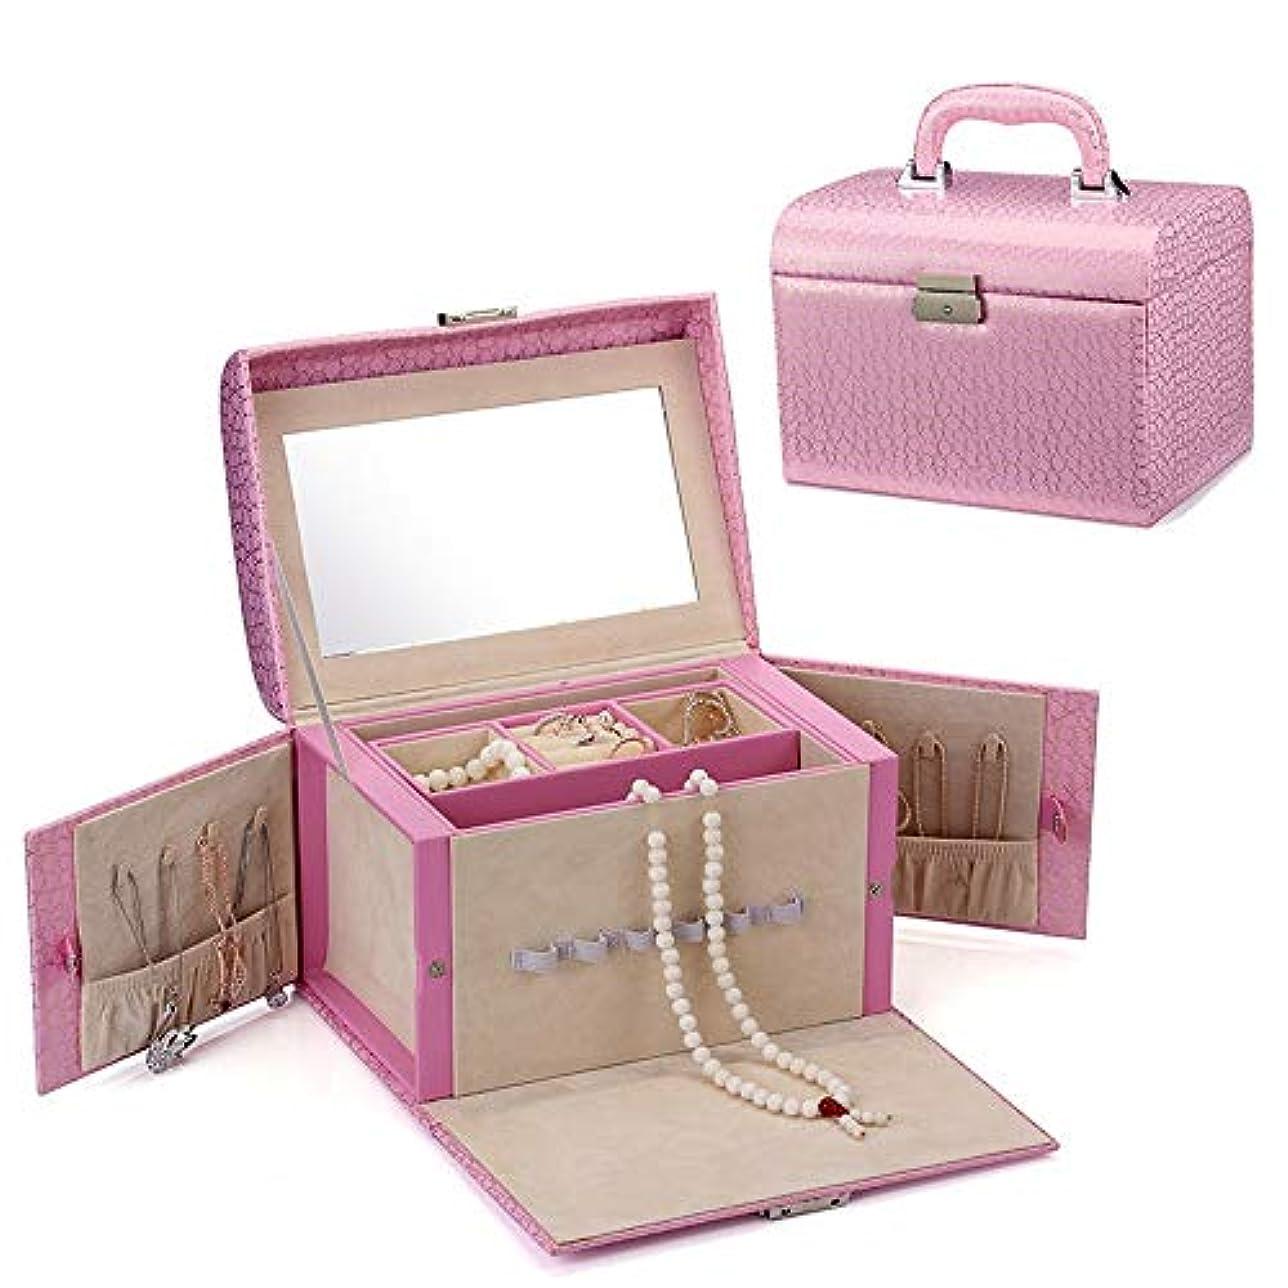 最終的に祈る経済的化粧オーガナイザーバッグ 多層の引き出し女性の宝石の収納箱小物のストレージのための 化粧品ケース (色 : ピンク)